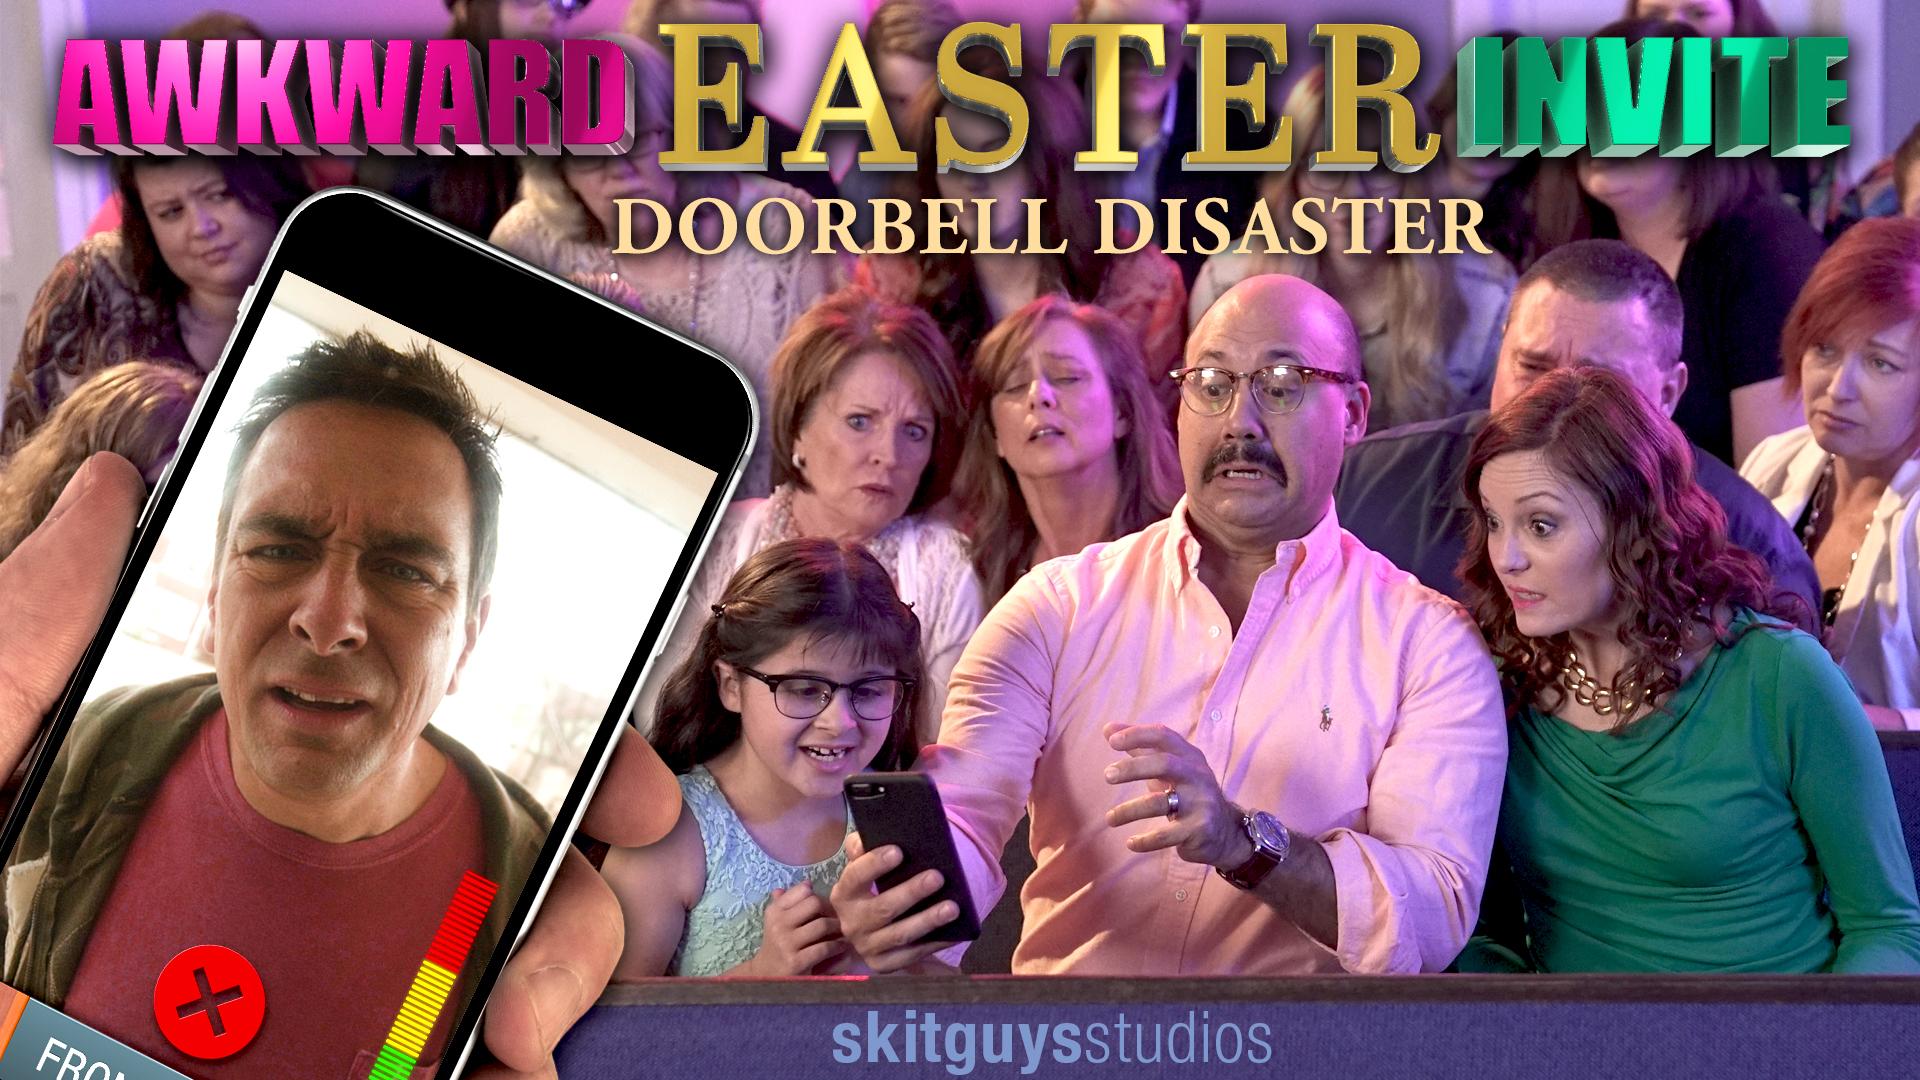 Awkward Easter Invite: Doorbell Disaster